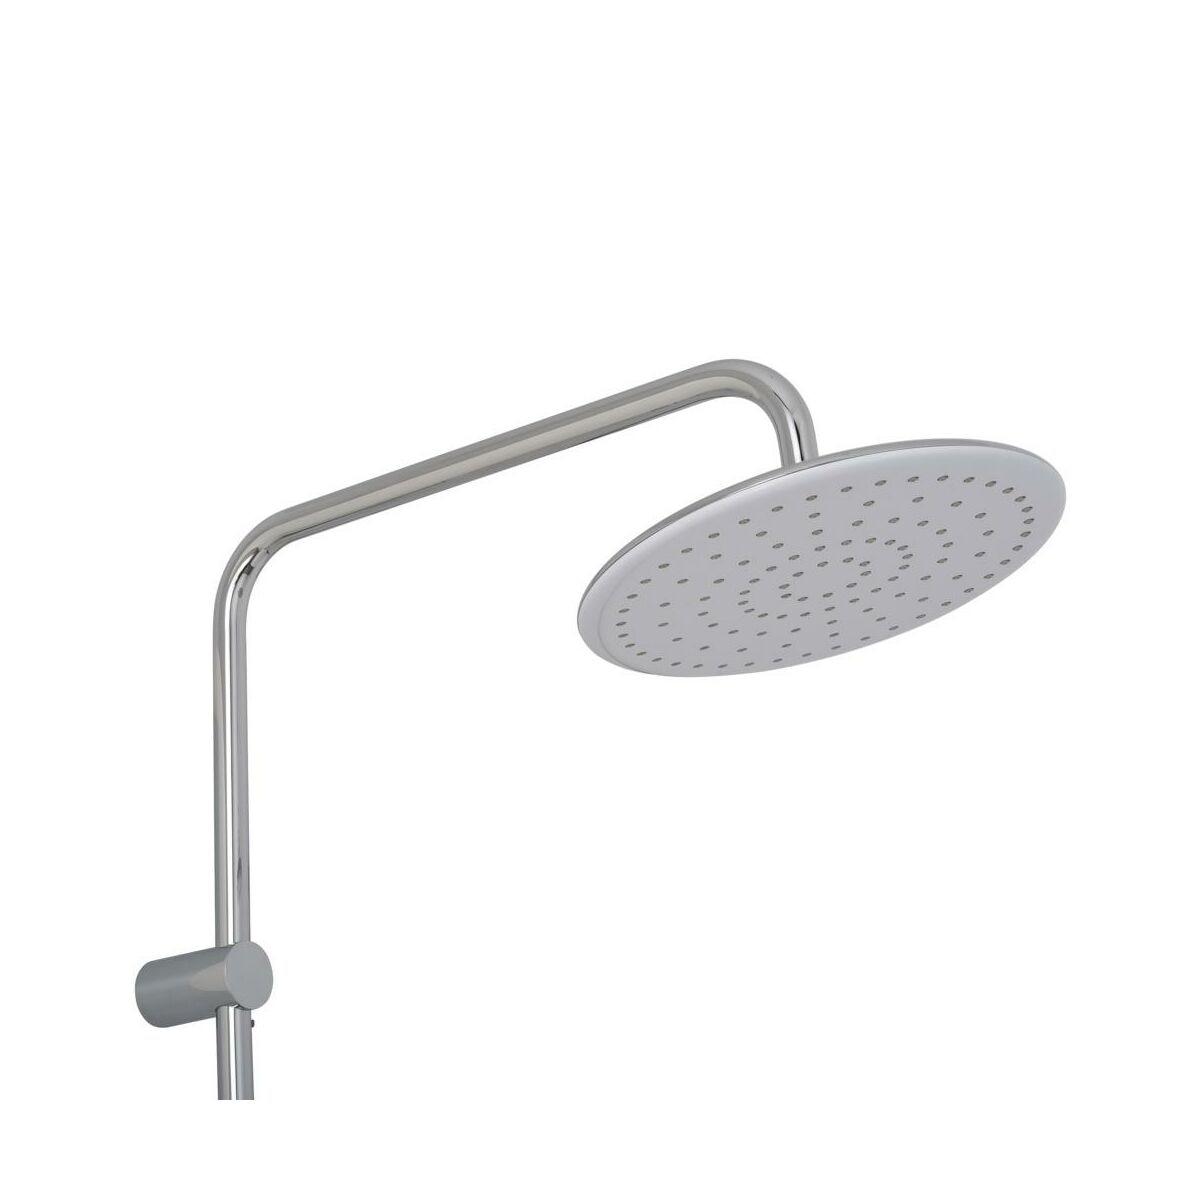 Kolumna natryskowa tabla sensea kolumny prysznicowe w - Tabla planchar leroy merlin ...